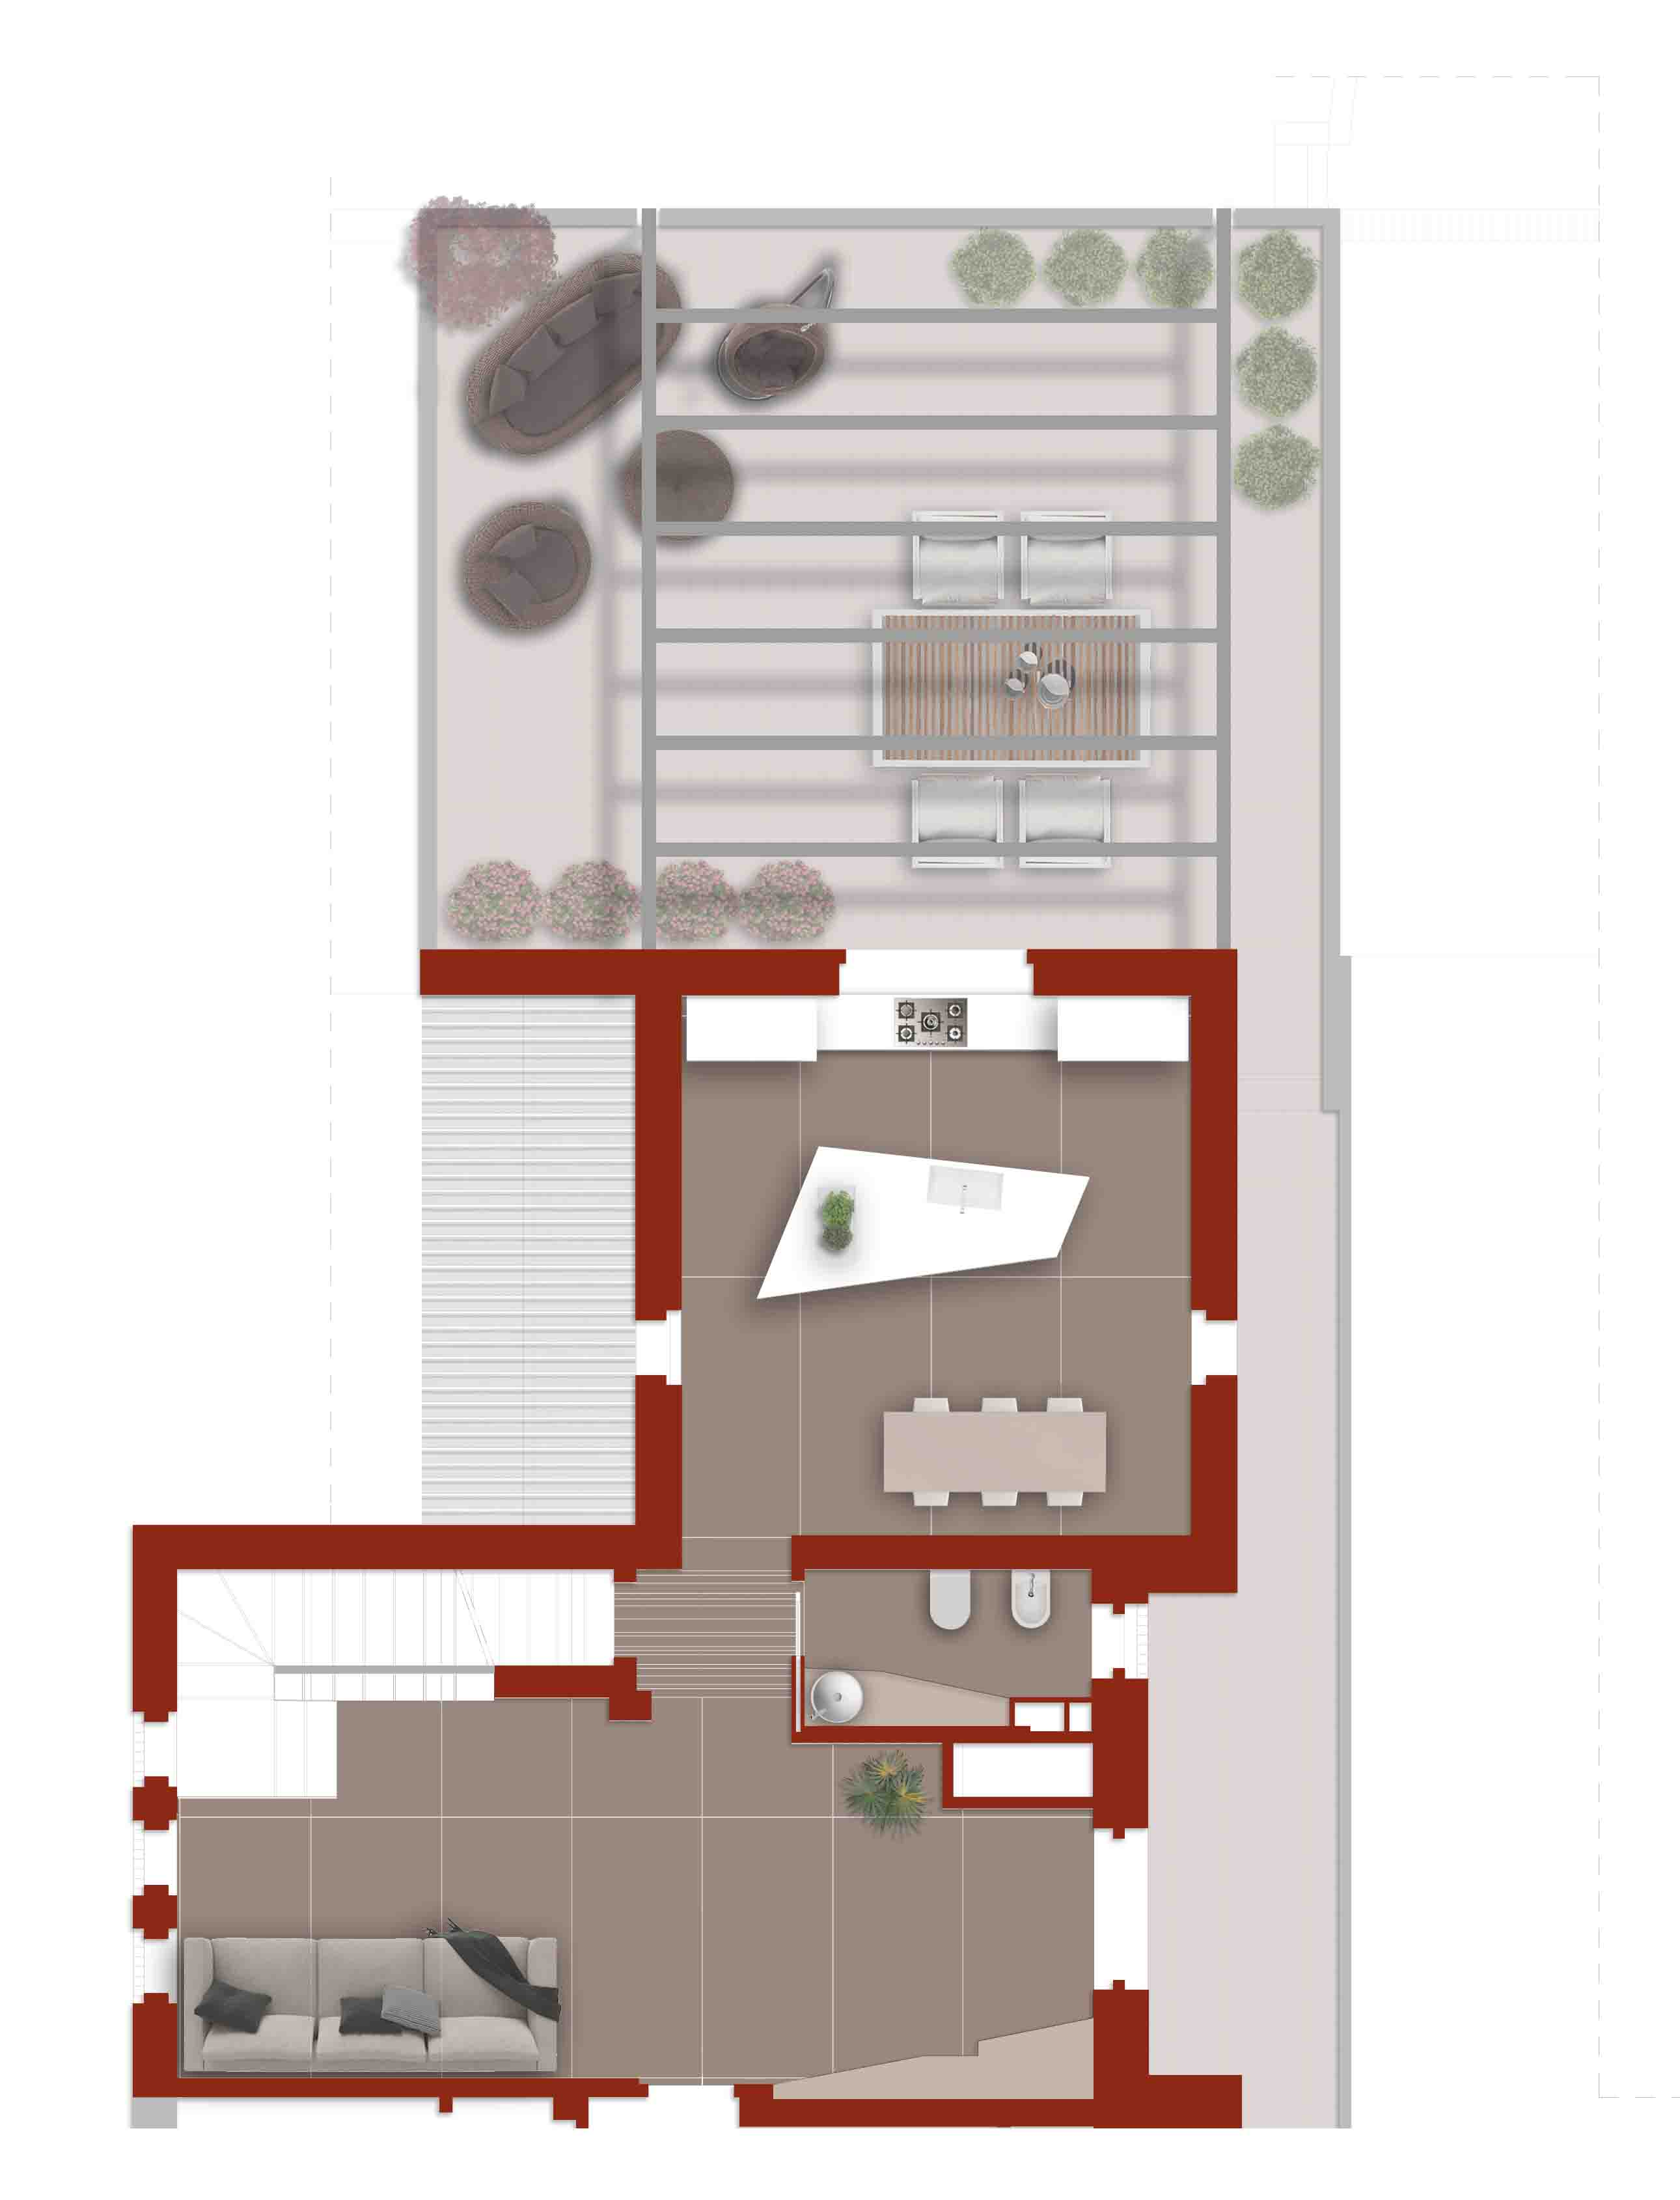 Planimetria della zona giorno (main apartment) arrighi giuseppe fotografo